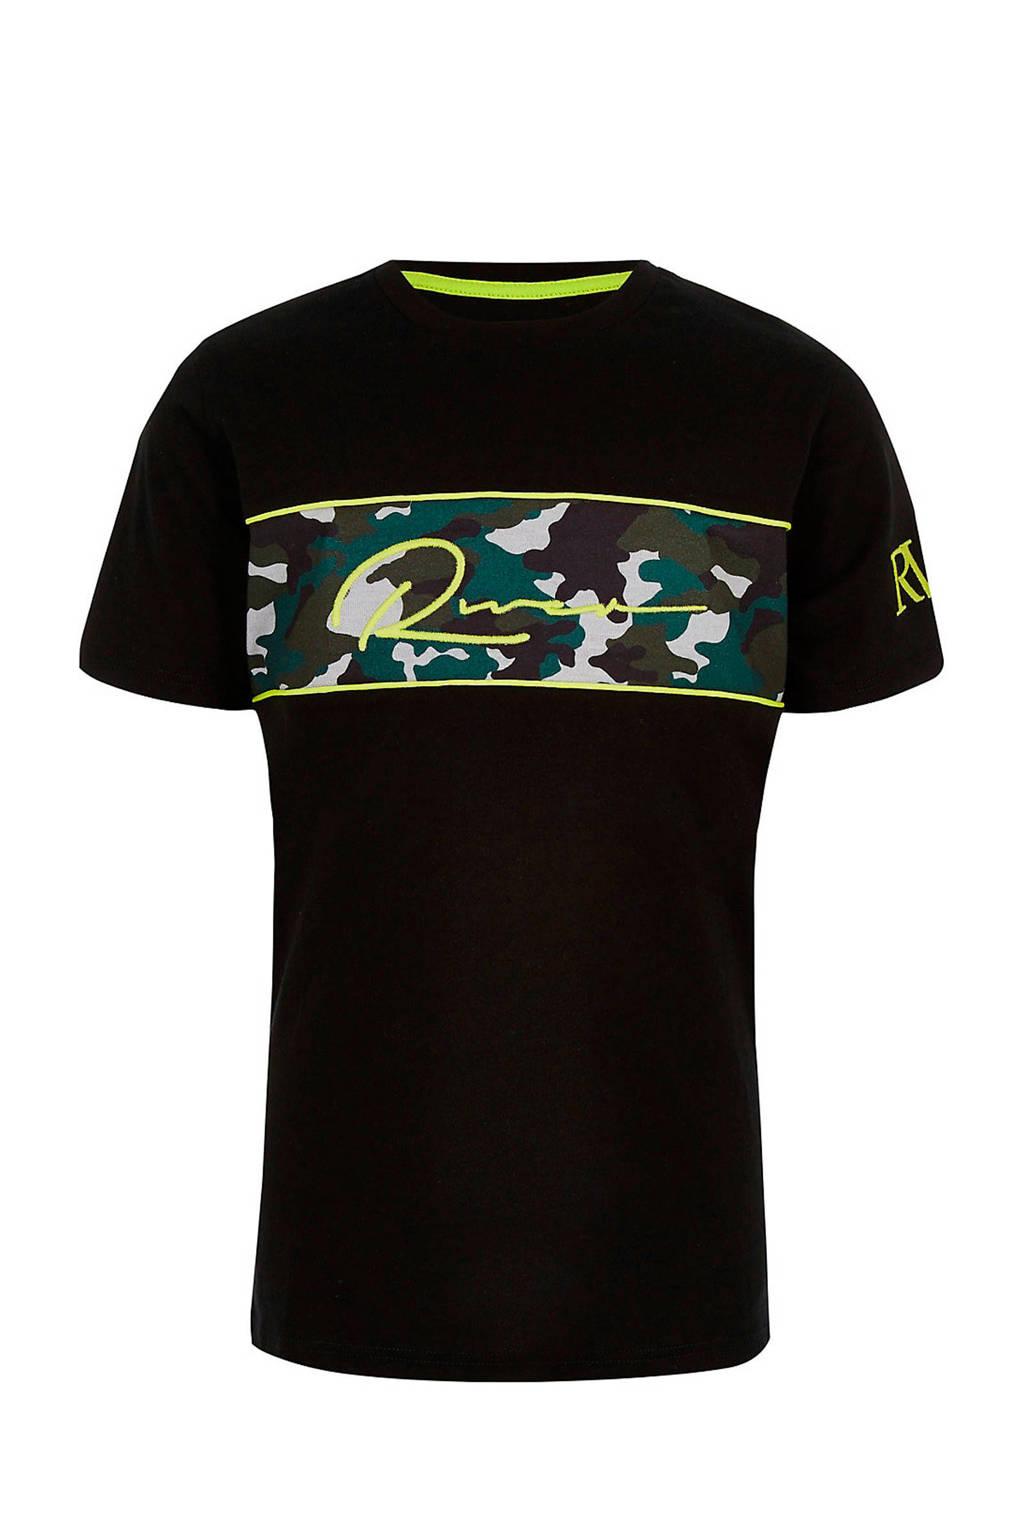 River Island T-shirt met camouflageprint zwart, Zwart